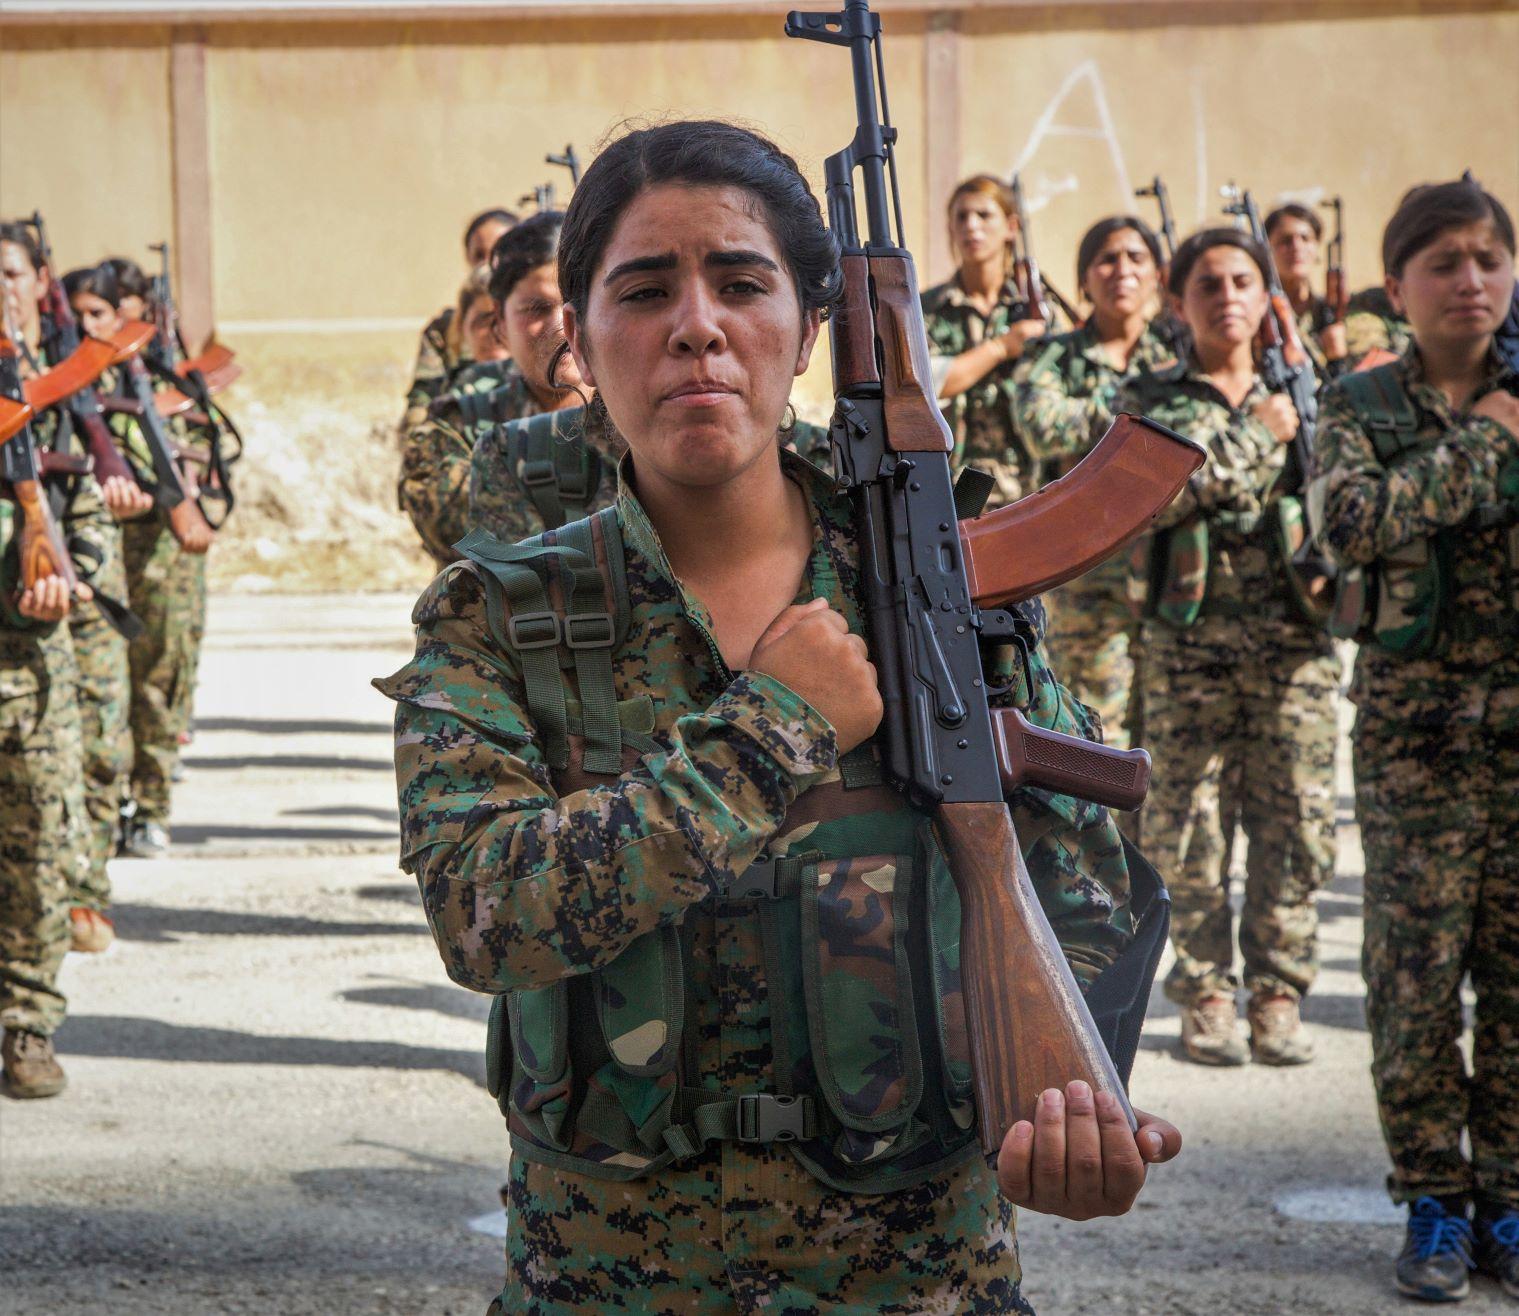 Άρχισαν τα όργανα; Αμερικανός αξιωματικός του Συνασπισμού, έστειλε μήνυμα για το Κομπάνι στα κουρδικά!